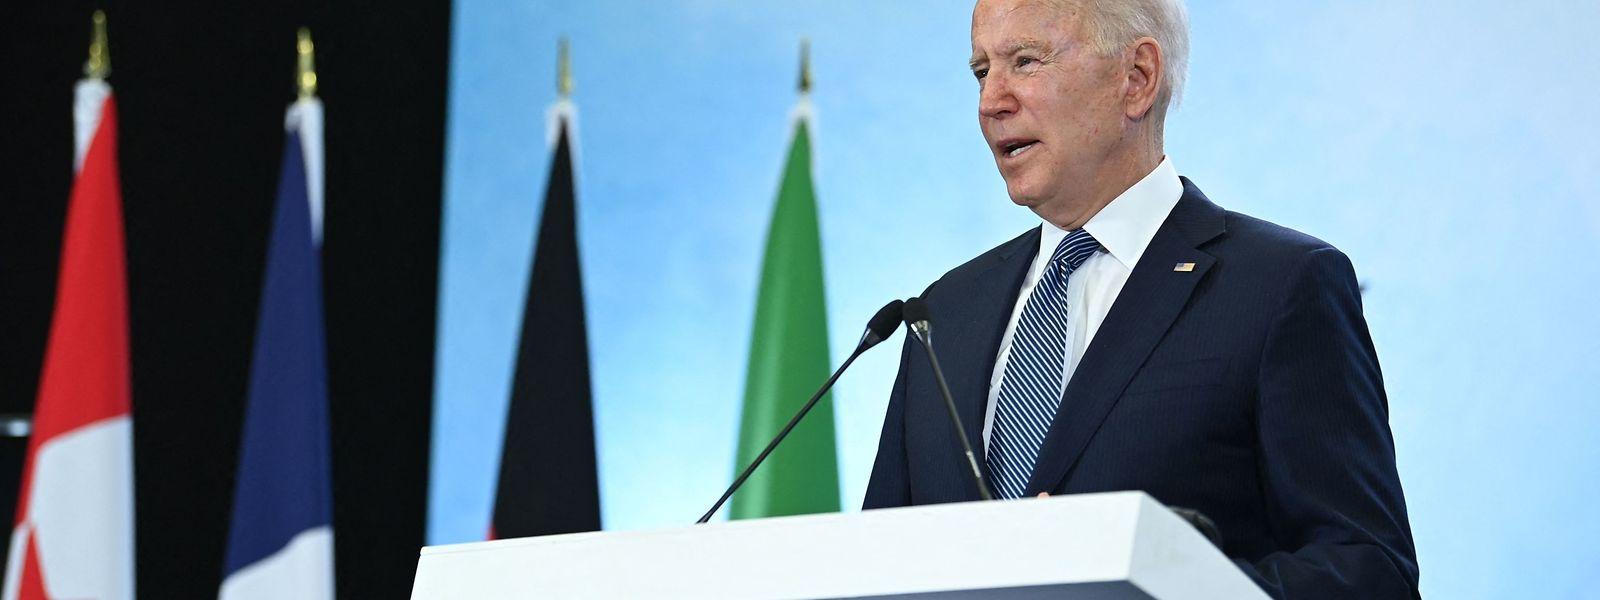 Die US-Regierung unter Joe Biden ist einer der Antreiber bei den Bemühungen um eine globale Mindeststeuer.